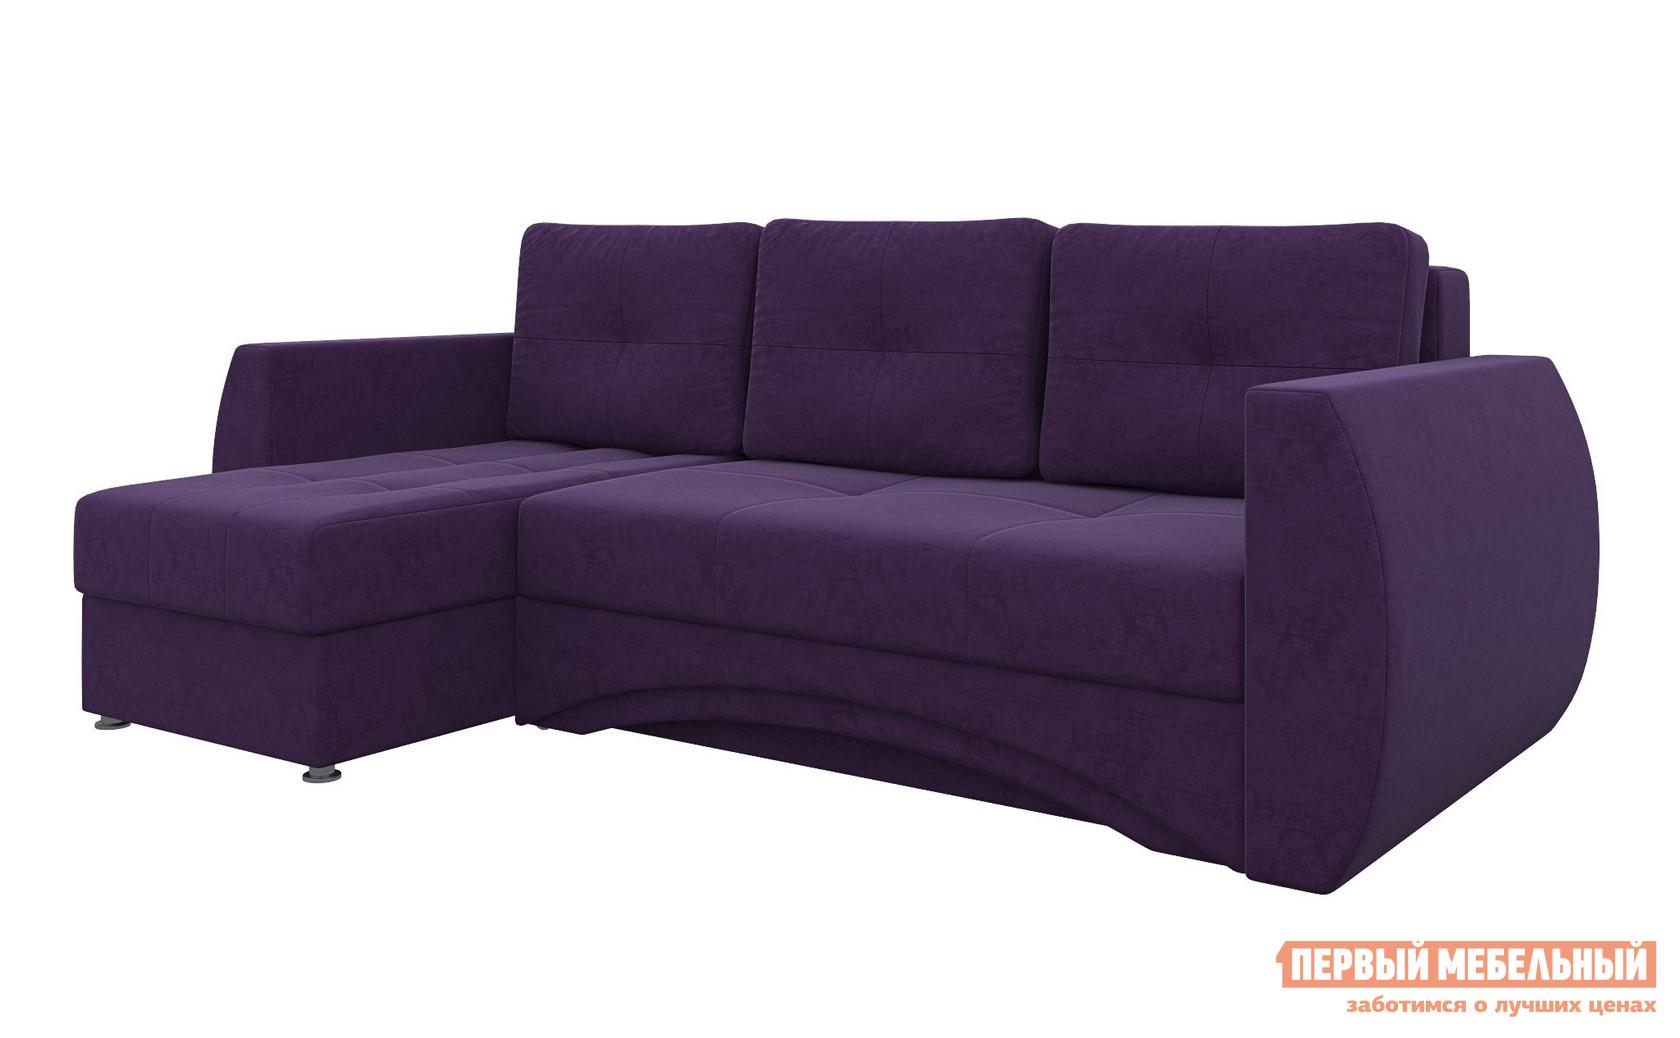 Диван раскладной Мебелико Сатурн угловой myfurnish угловой раскладной диван luma